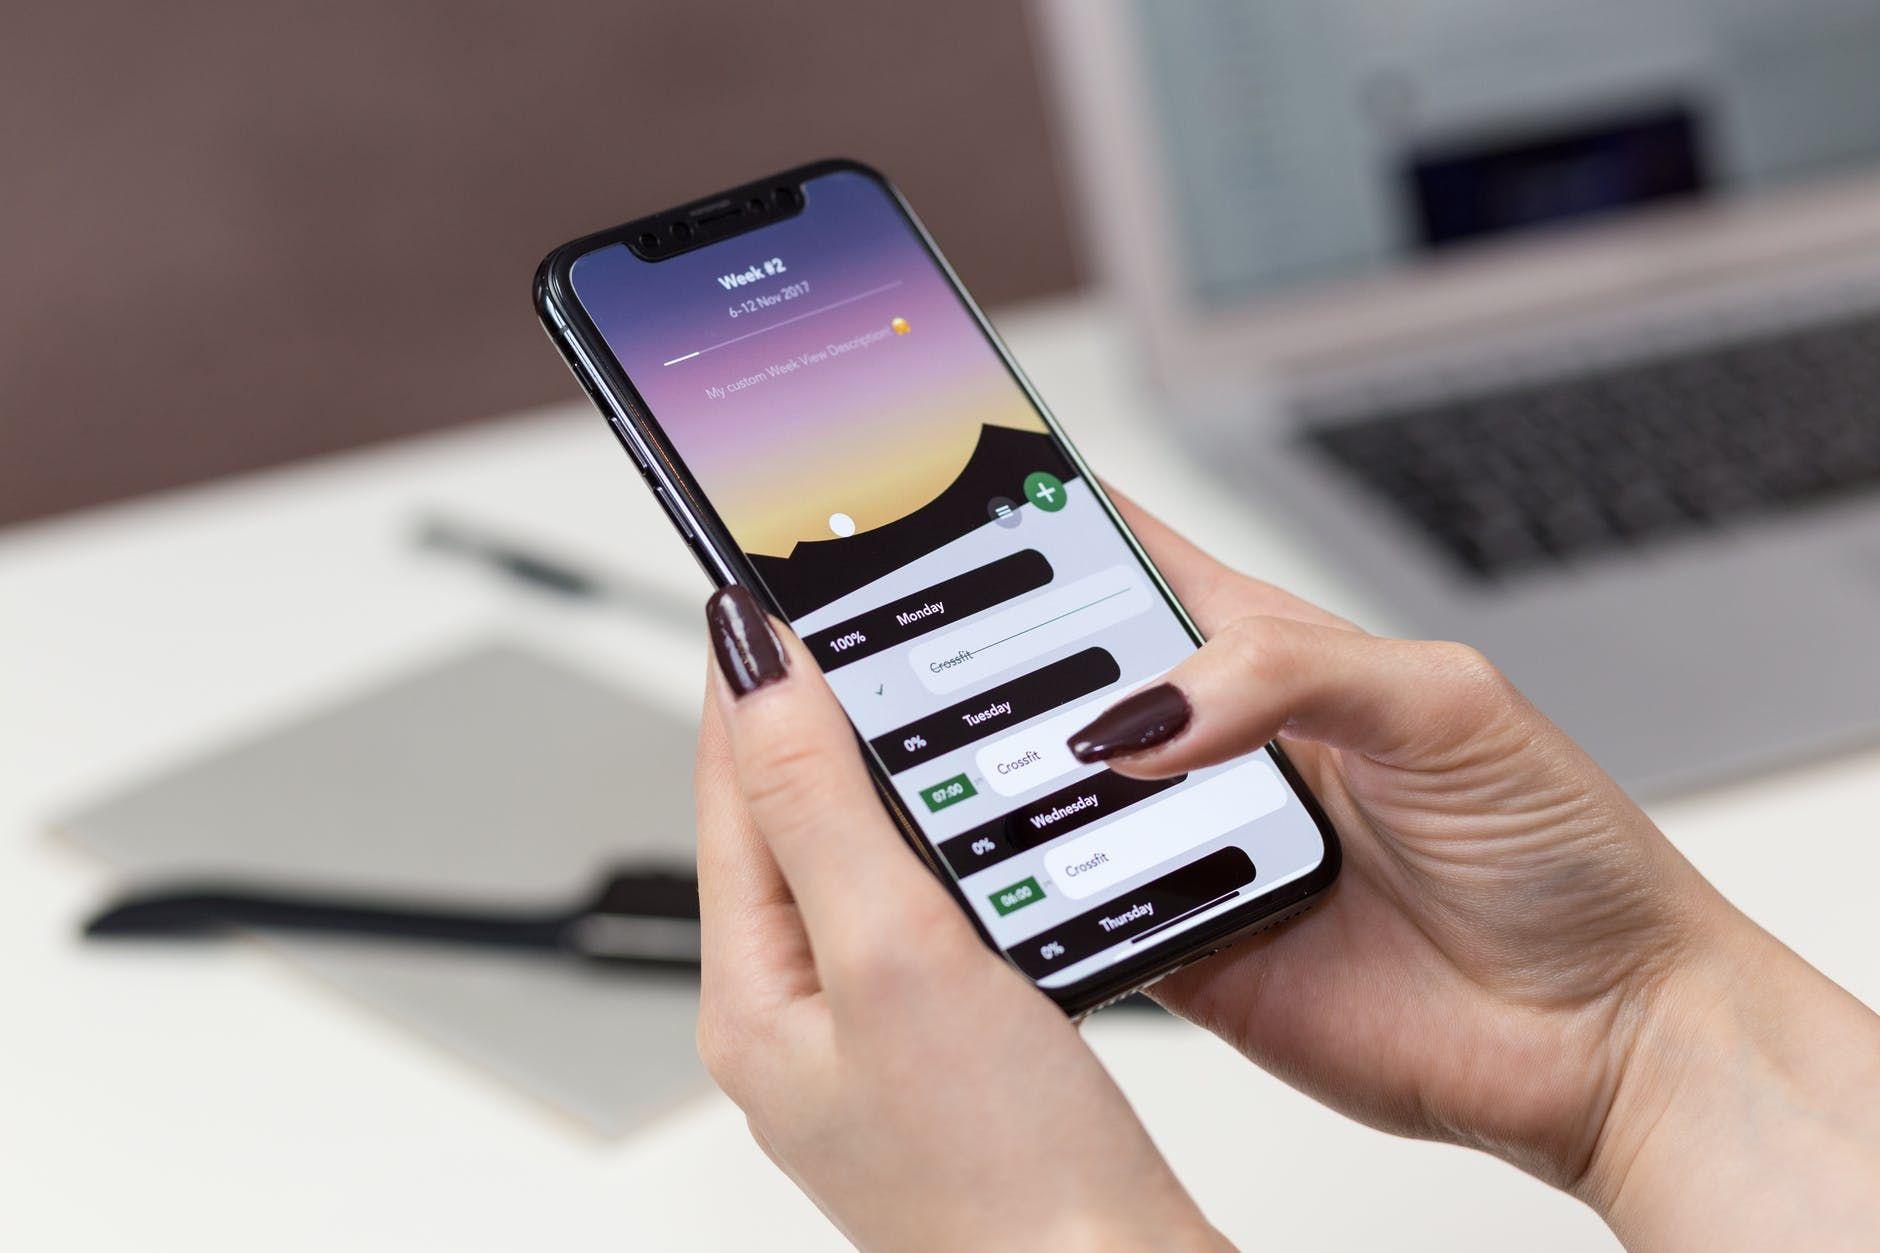 Pin Oleh Fun Channel Di Tes Pin Smartphone Aplikasi Iphone